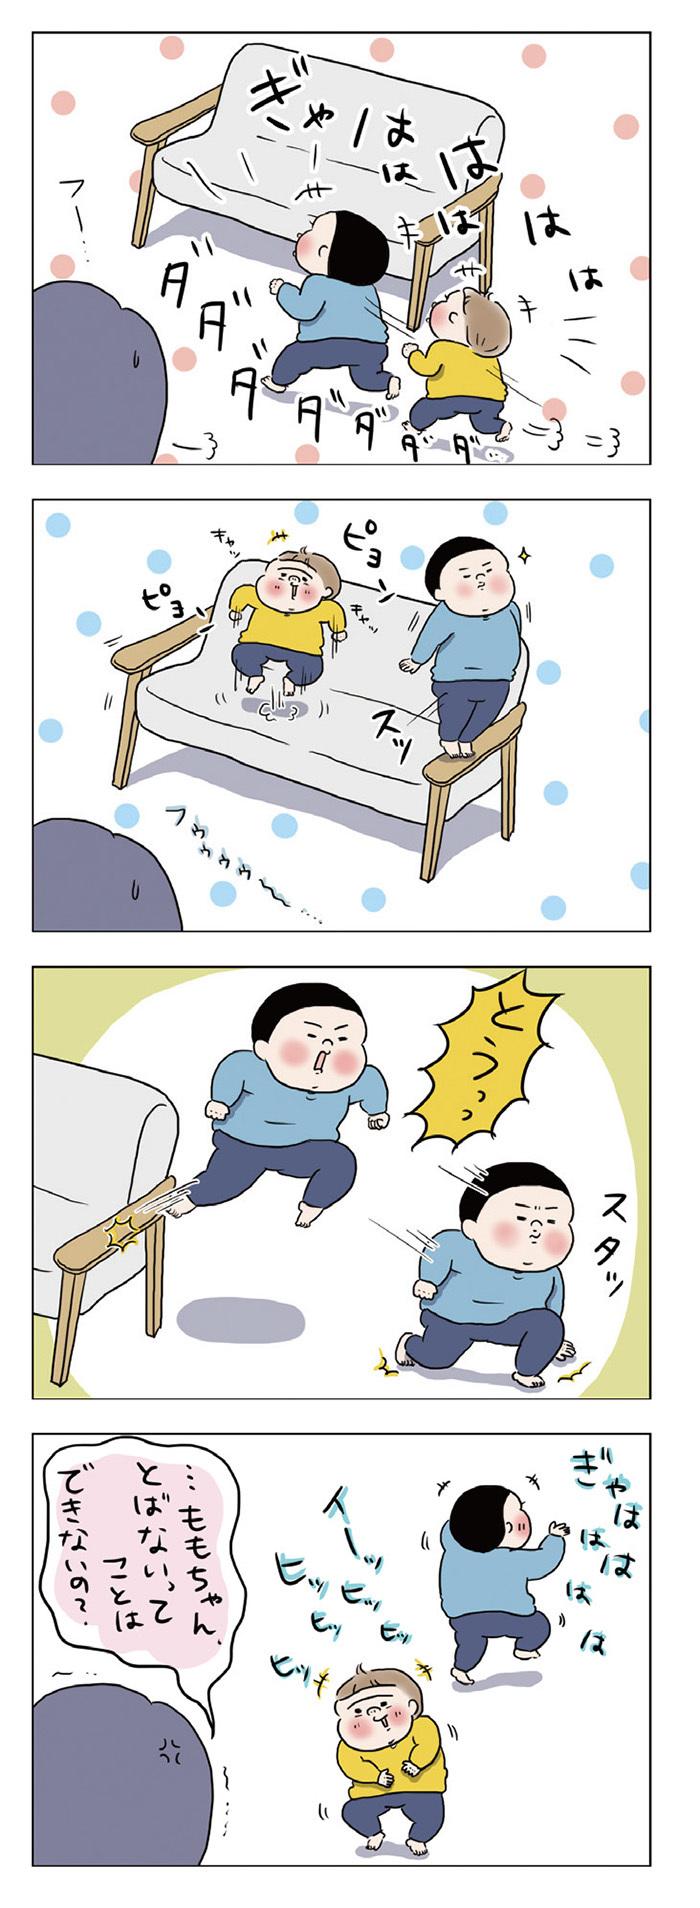 移動は常にジャンプ&ダッシュ(笑)理解不能で愛しい兄弟のやりとり♡の画像8